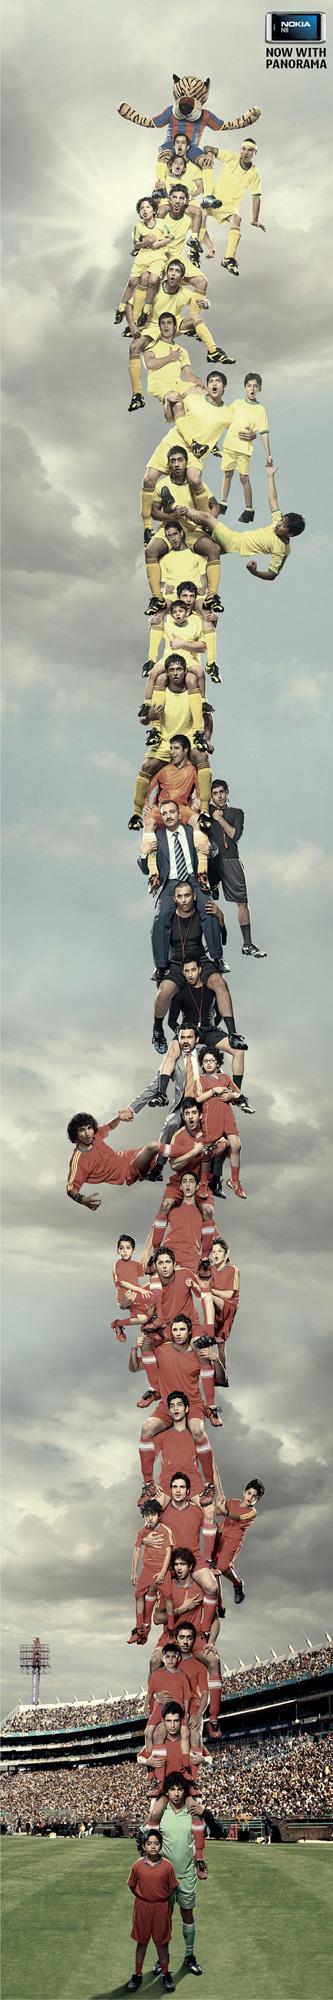 Spécial Coupe du Monde de Football : Les 100 plus belles publicités sur le foot ! 100